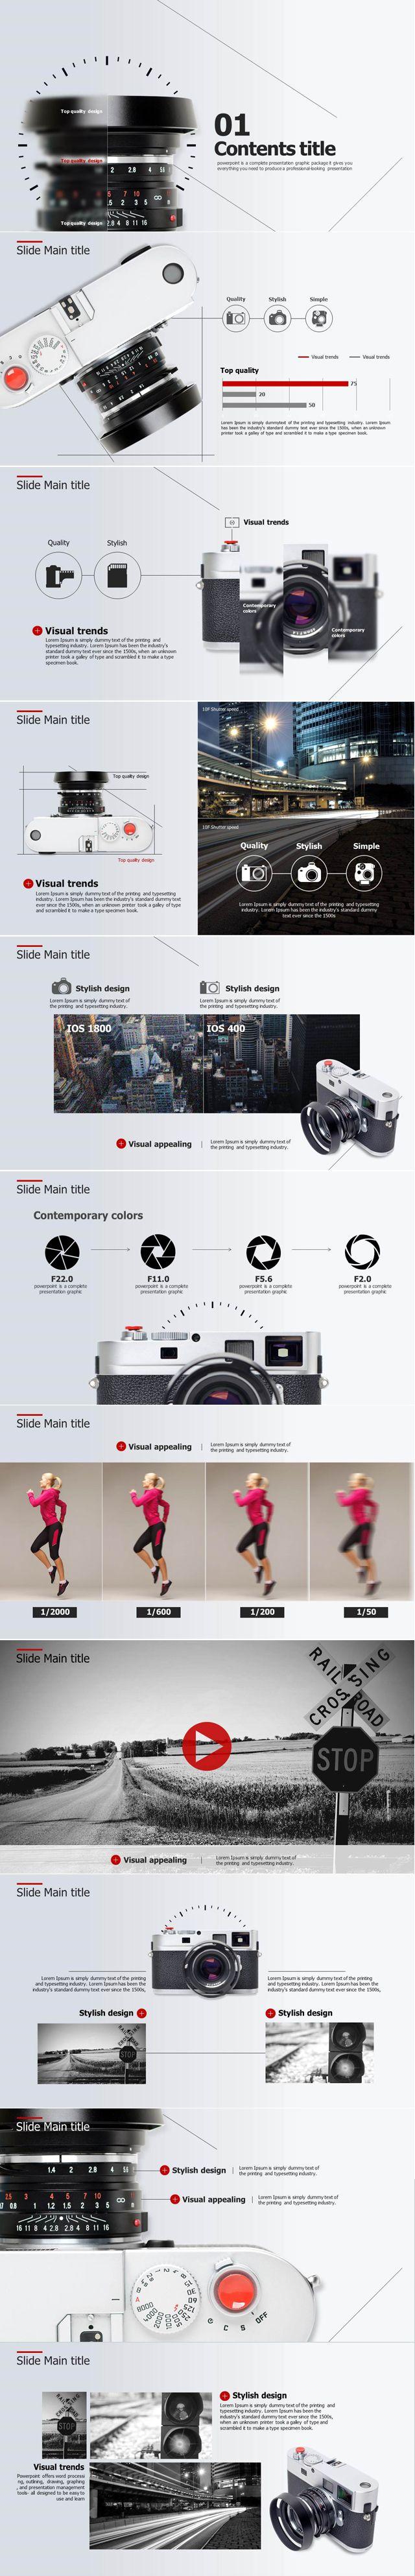 Presentation Design. PowerPoint Design